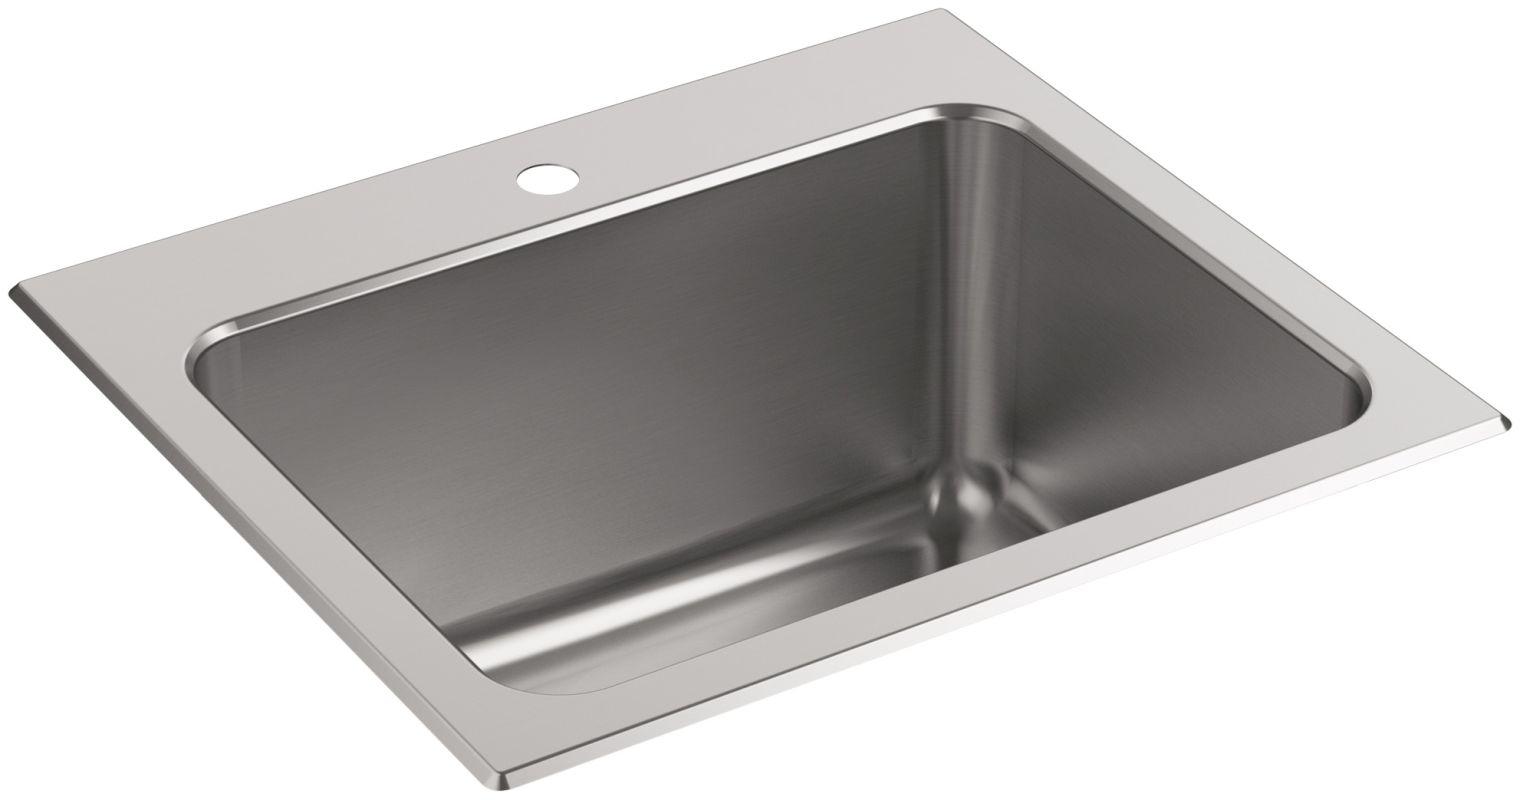 Kohler K 5798 1 Na Stainless Steel Ballad 25 Quot Single Basin